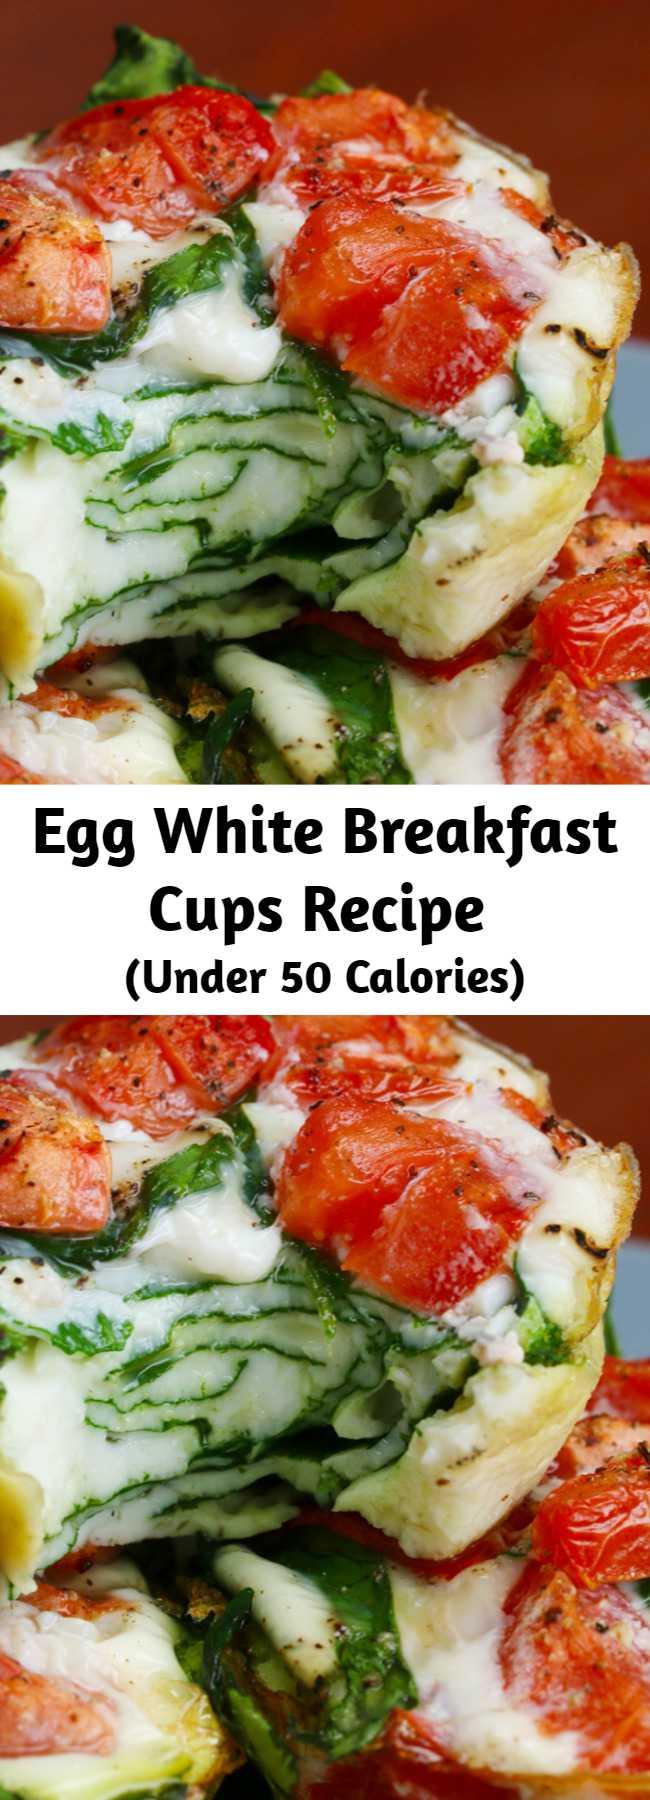 Egg White Breakfast Cups Recipe - Egg White Breakfast Cups